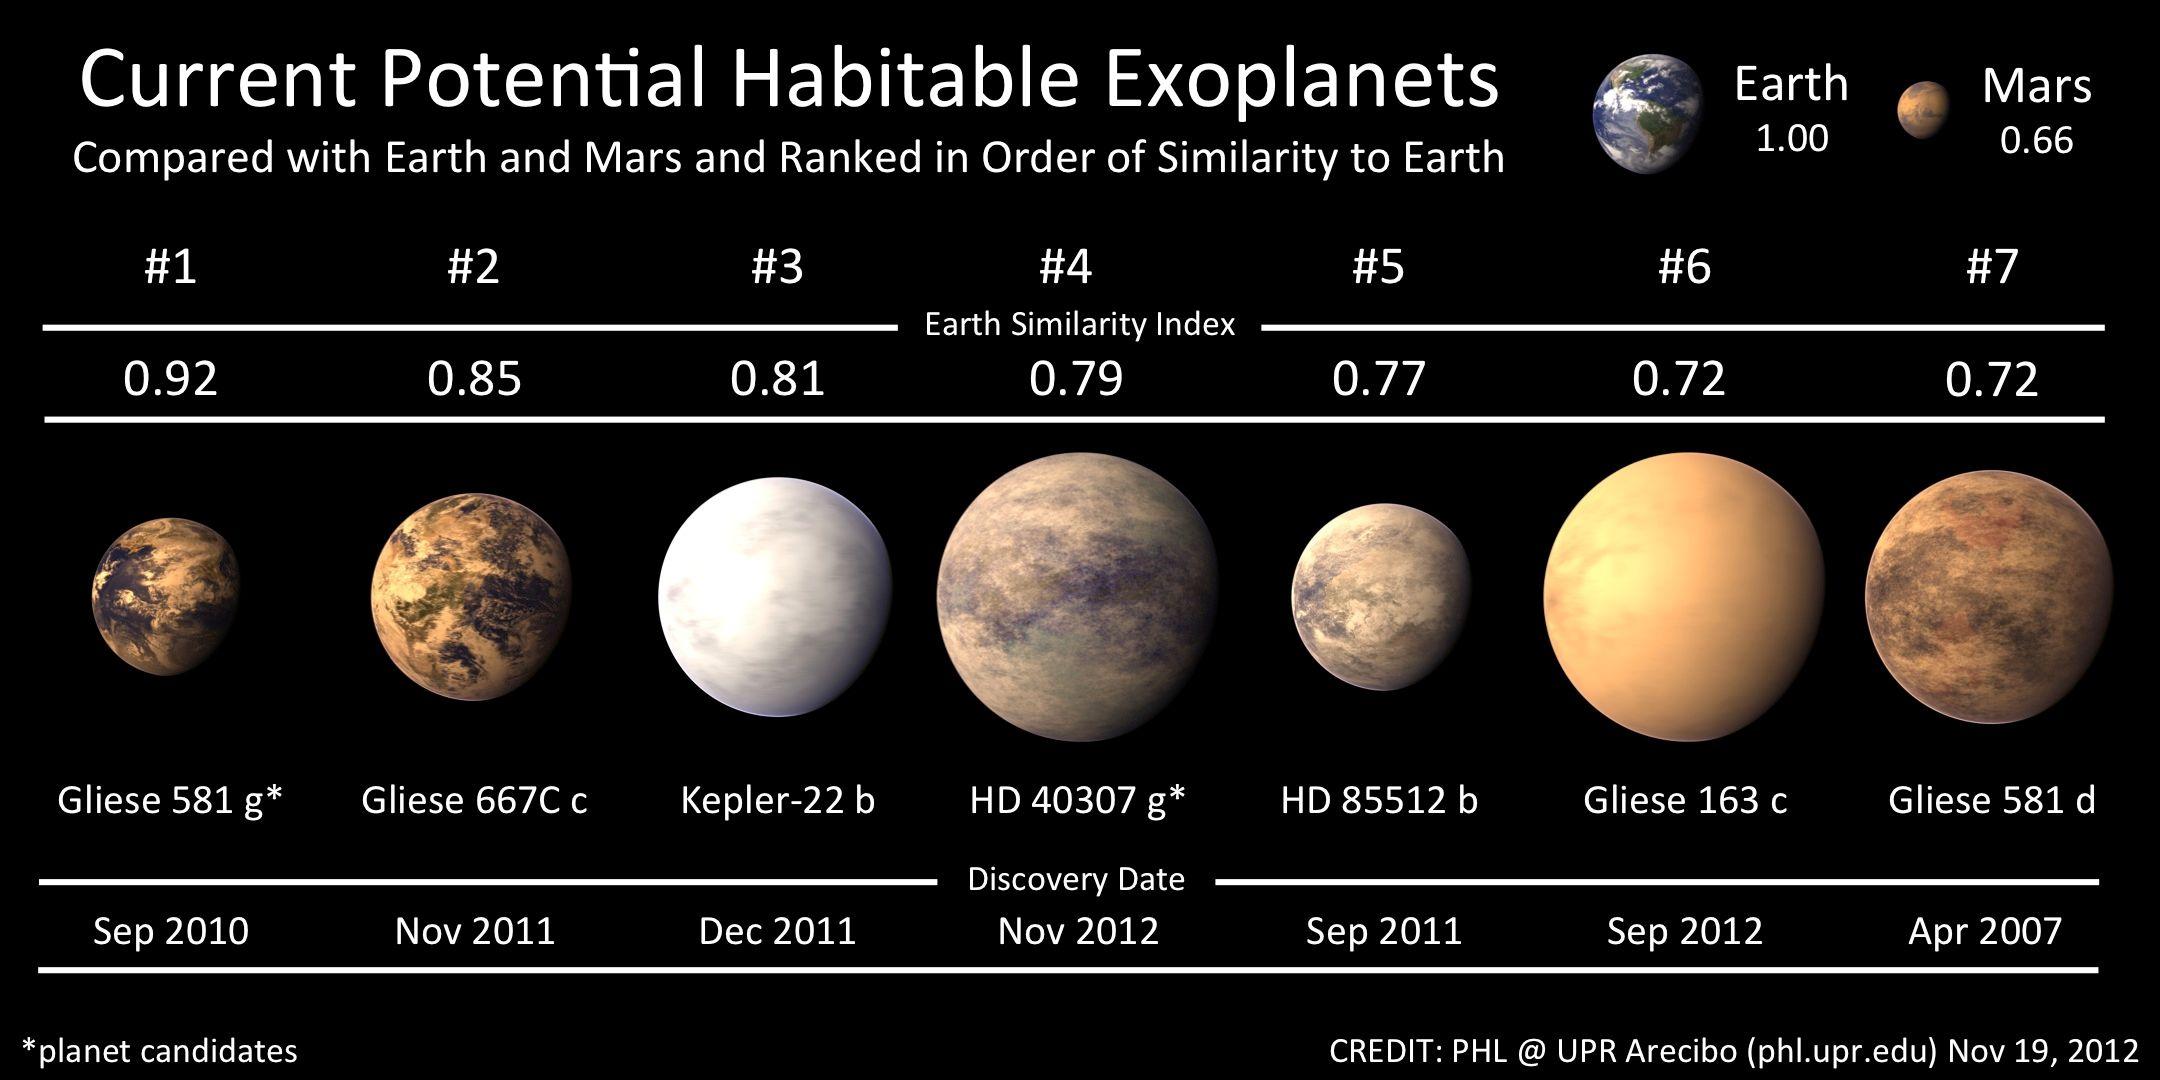 Une nouvelle exoplanète a été identifiée